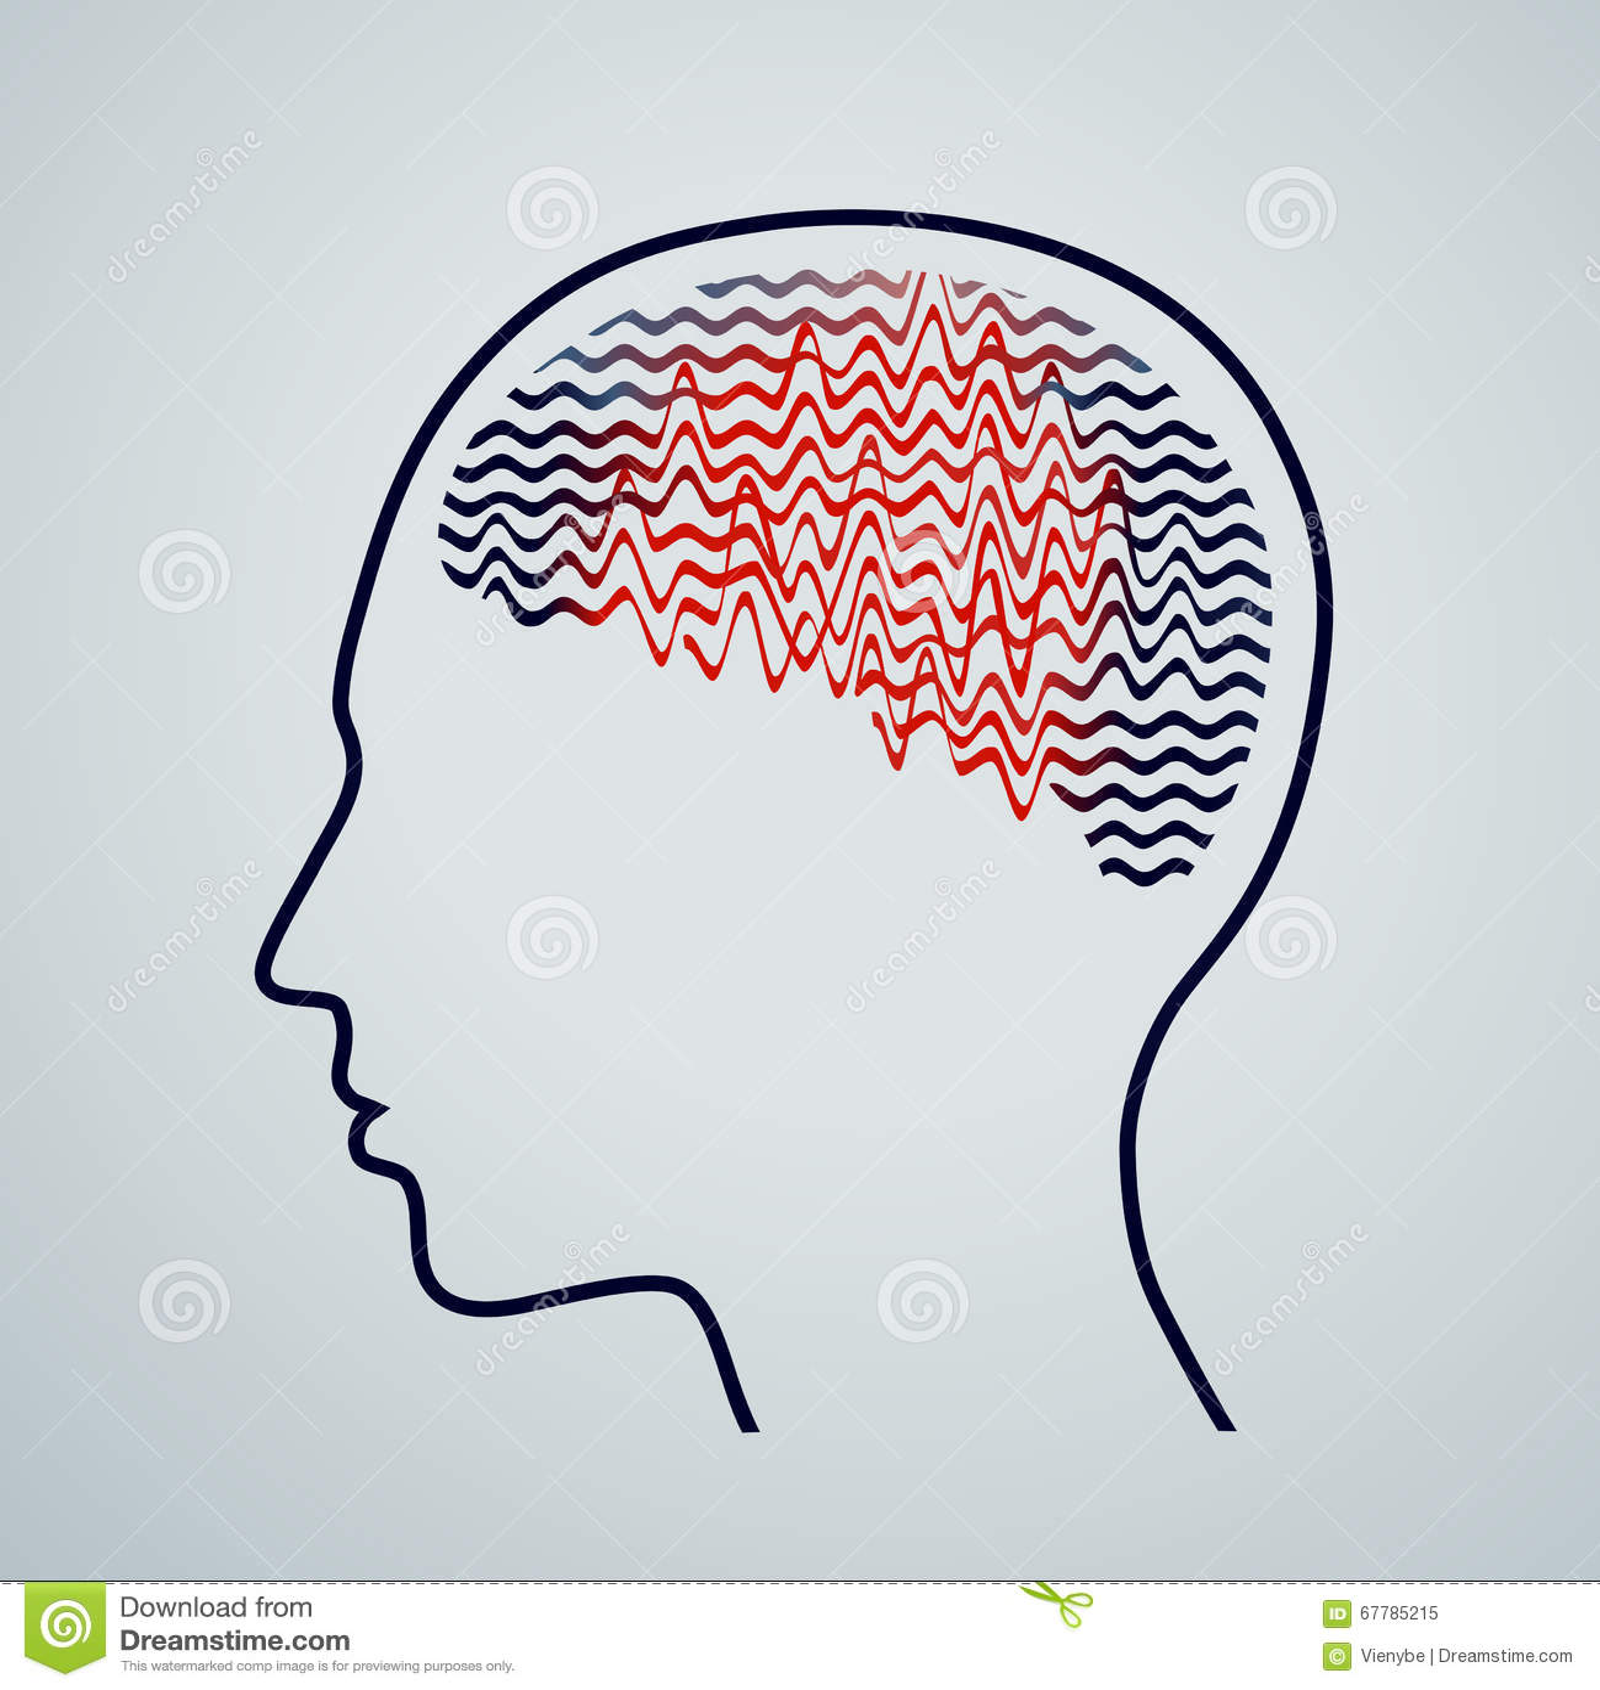 Menselijke hersenen met epilepsieactiviteit, vectorillustratie